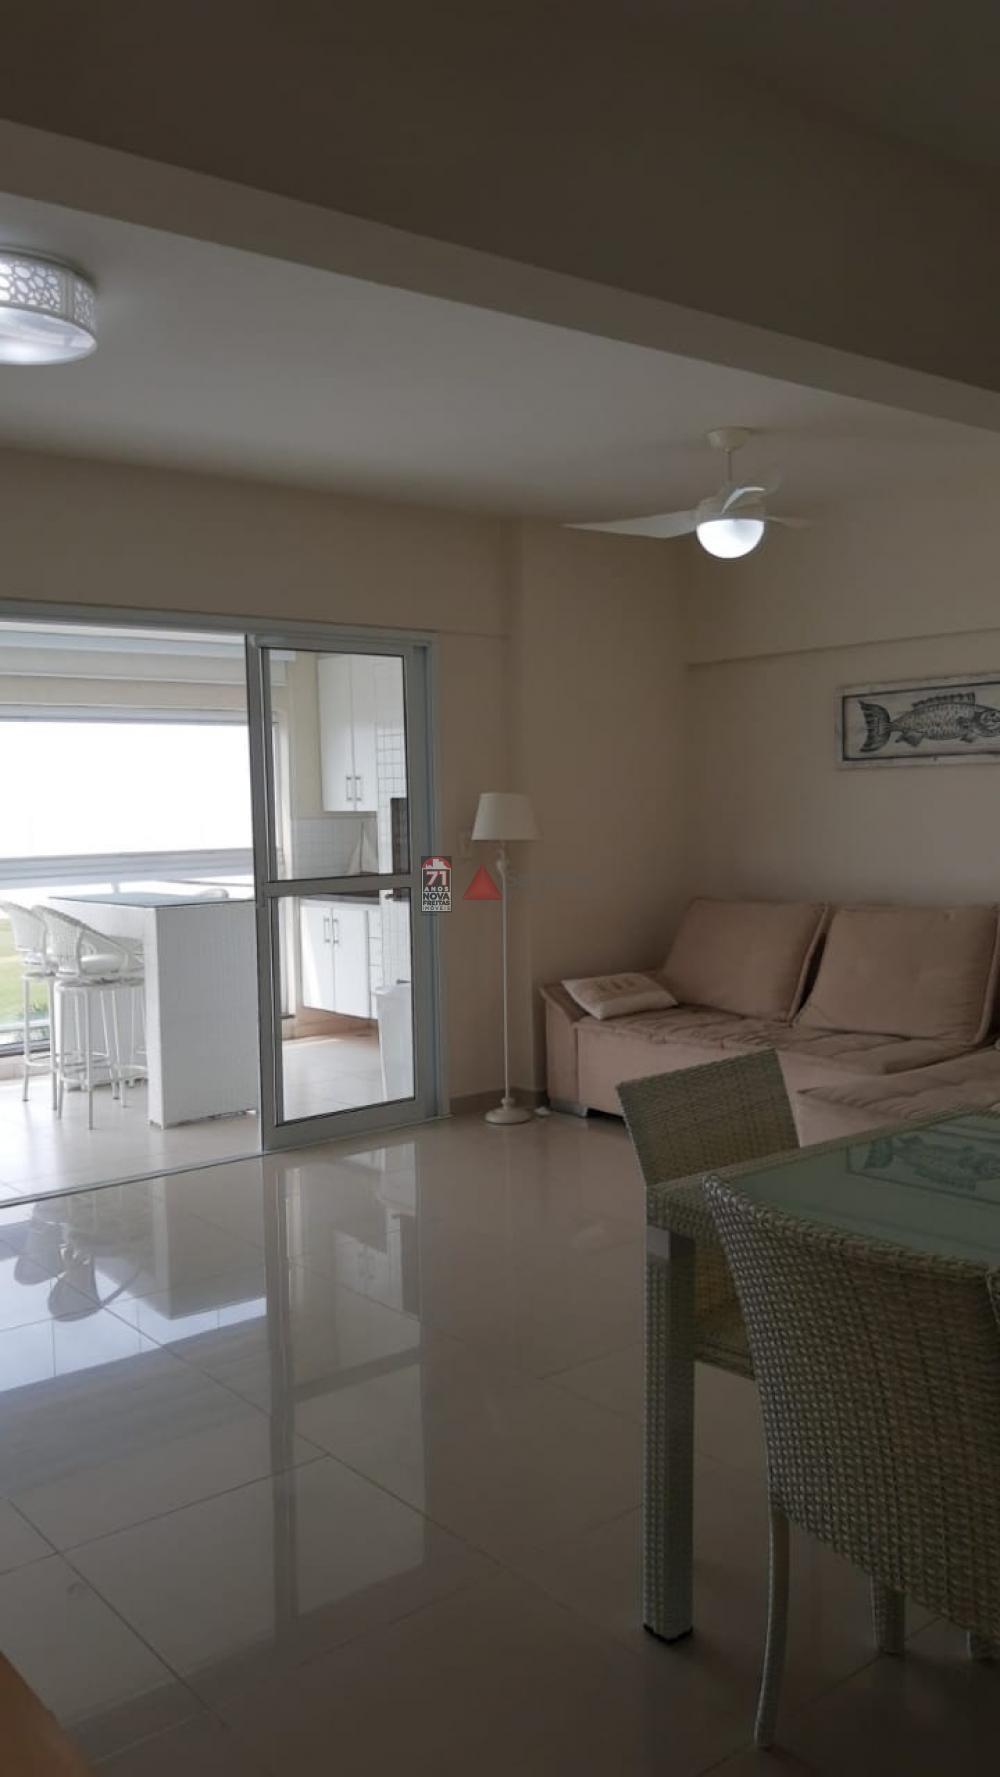 Comprar Apartamento / Padrão em Caraguatatuba apenas R$ 950.000,00 - Foto 15